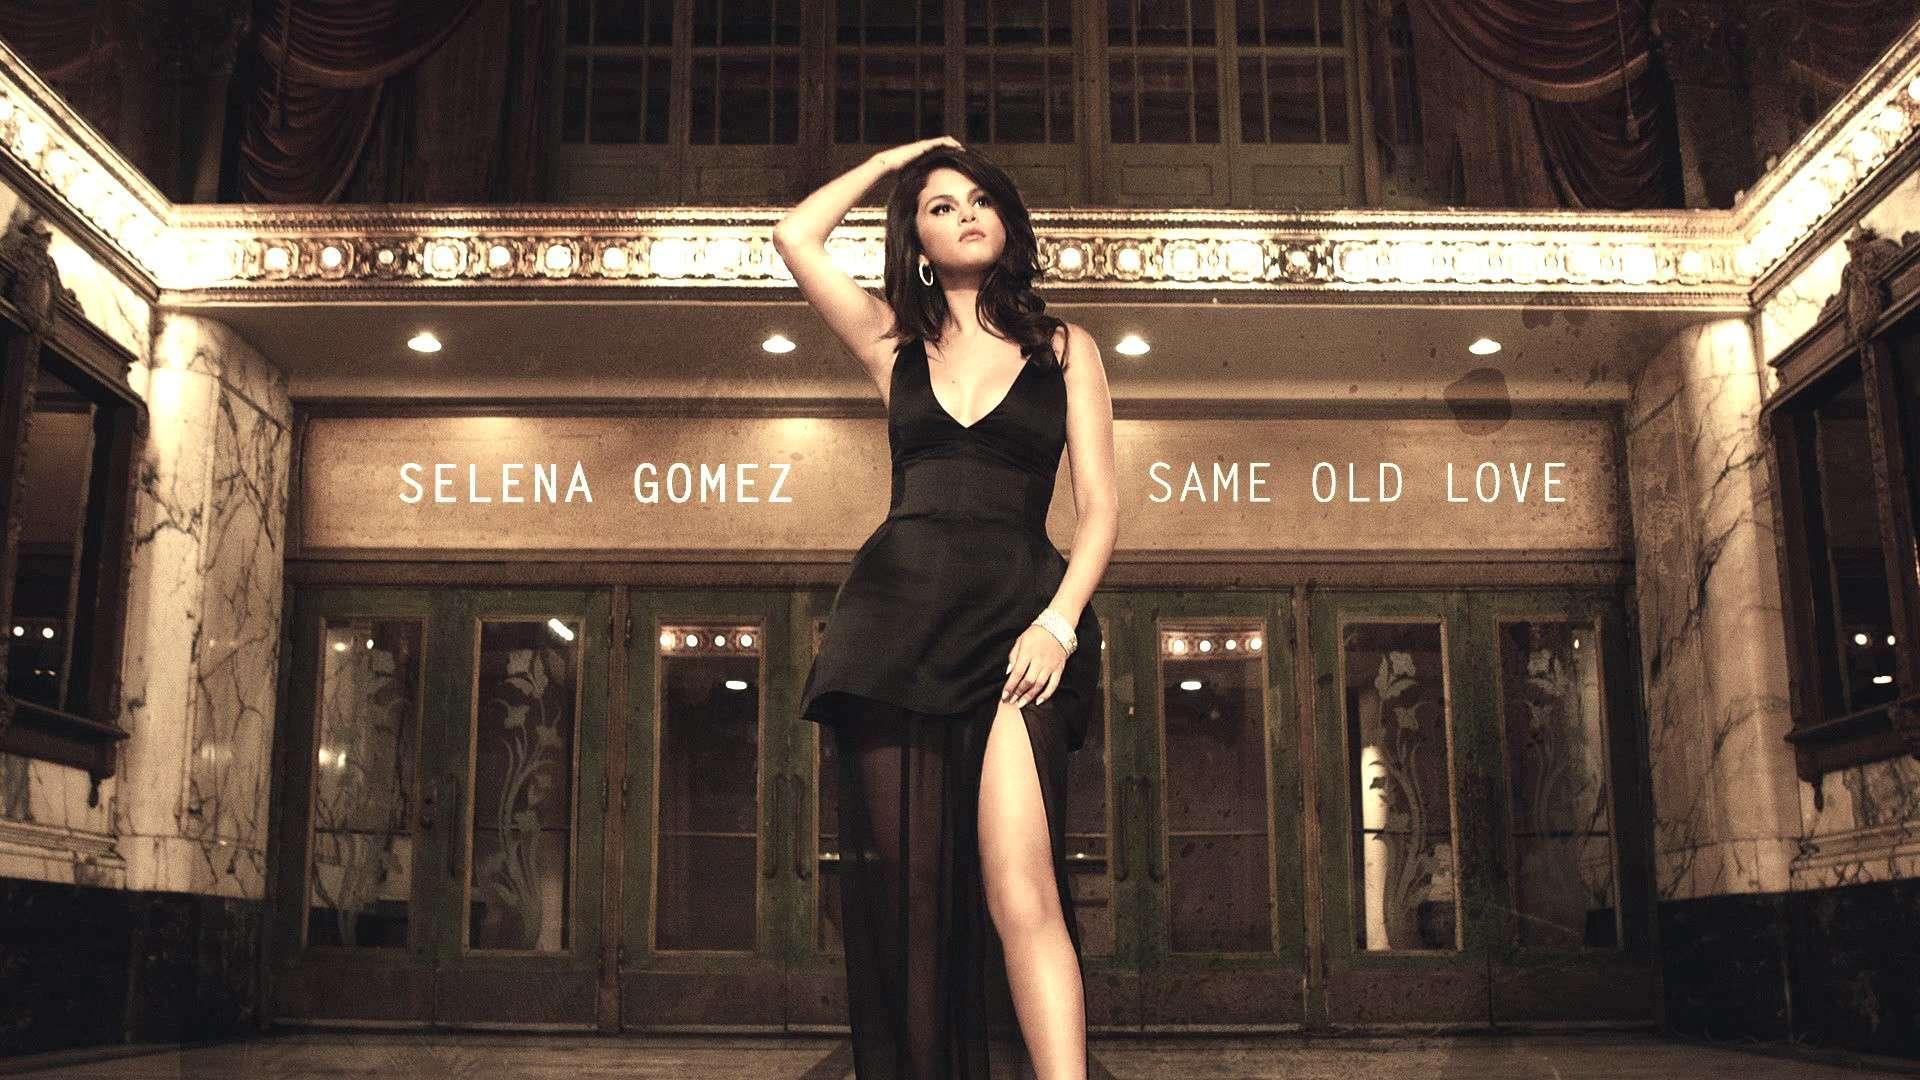 Selena Gomez HD Pics | AMBWallpapers